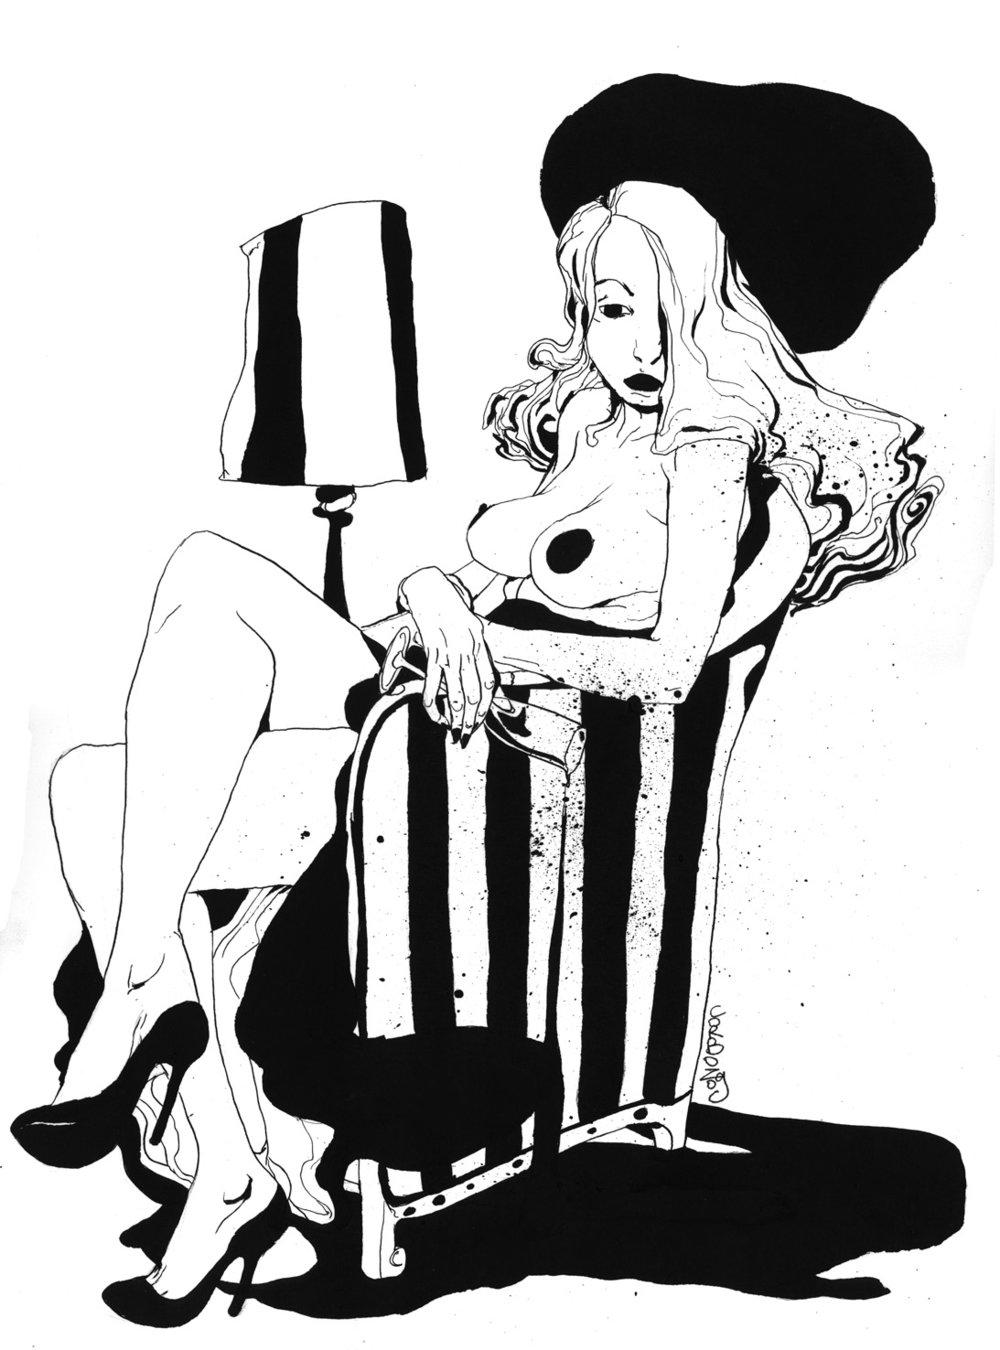 YZ_noirblanc01_1.jpg